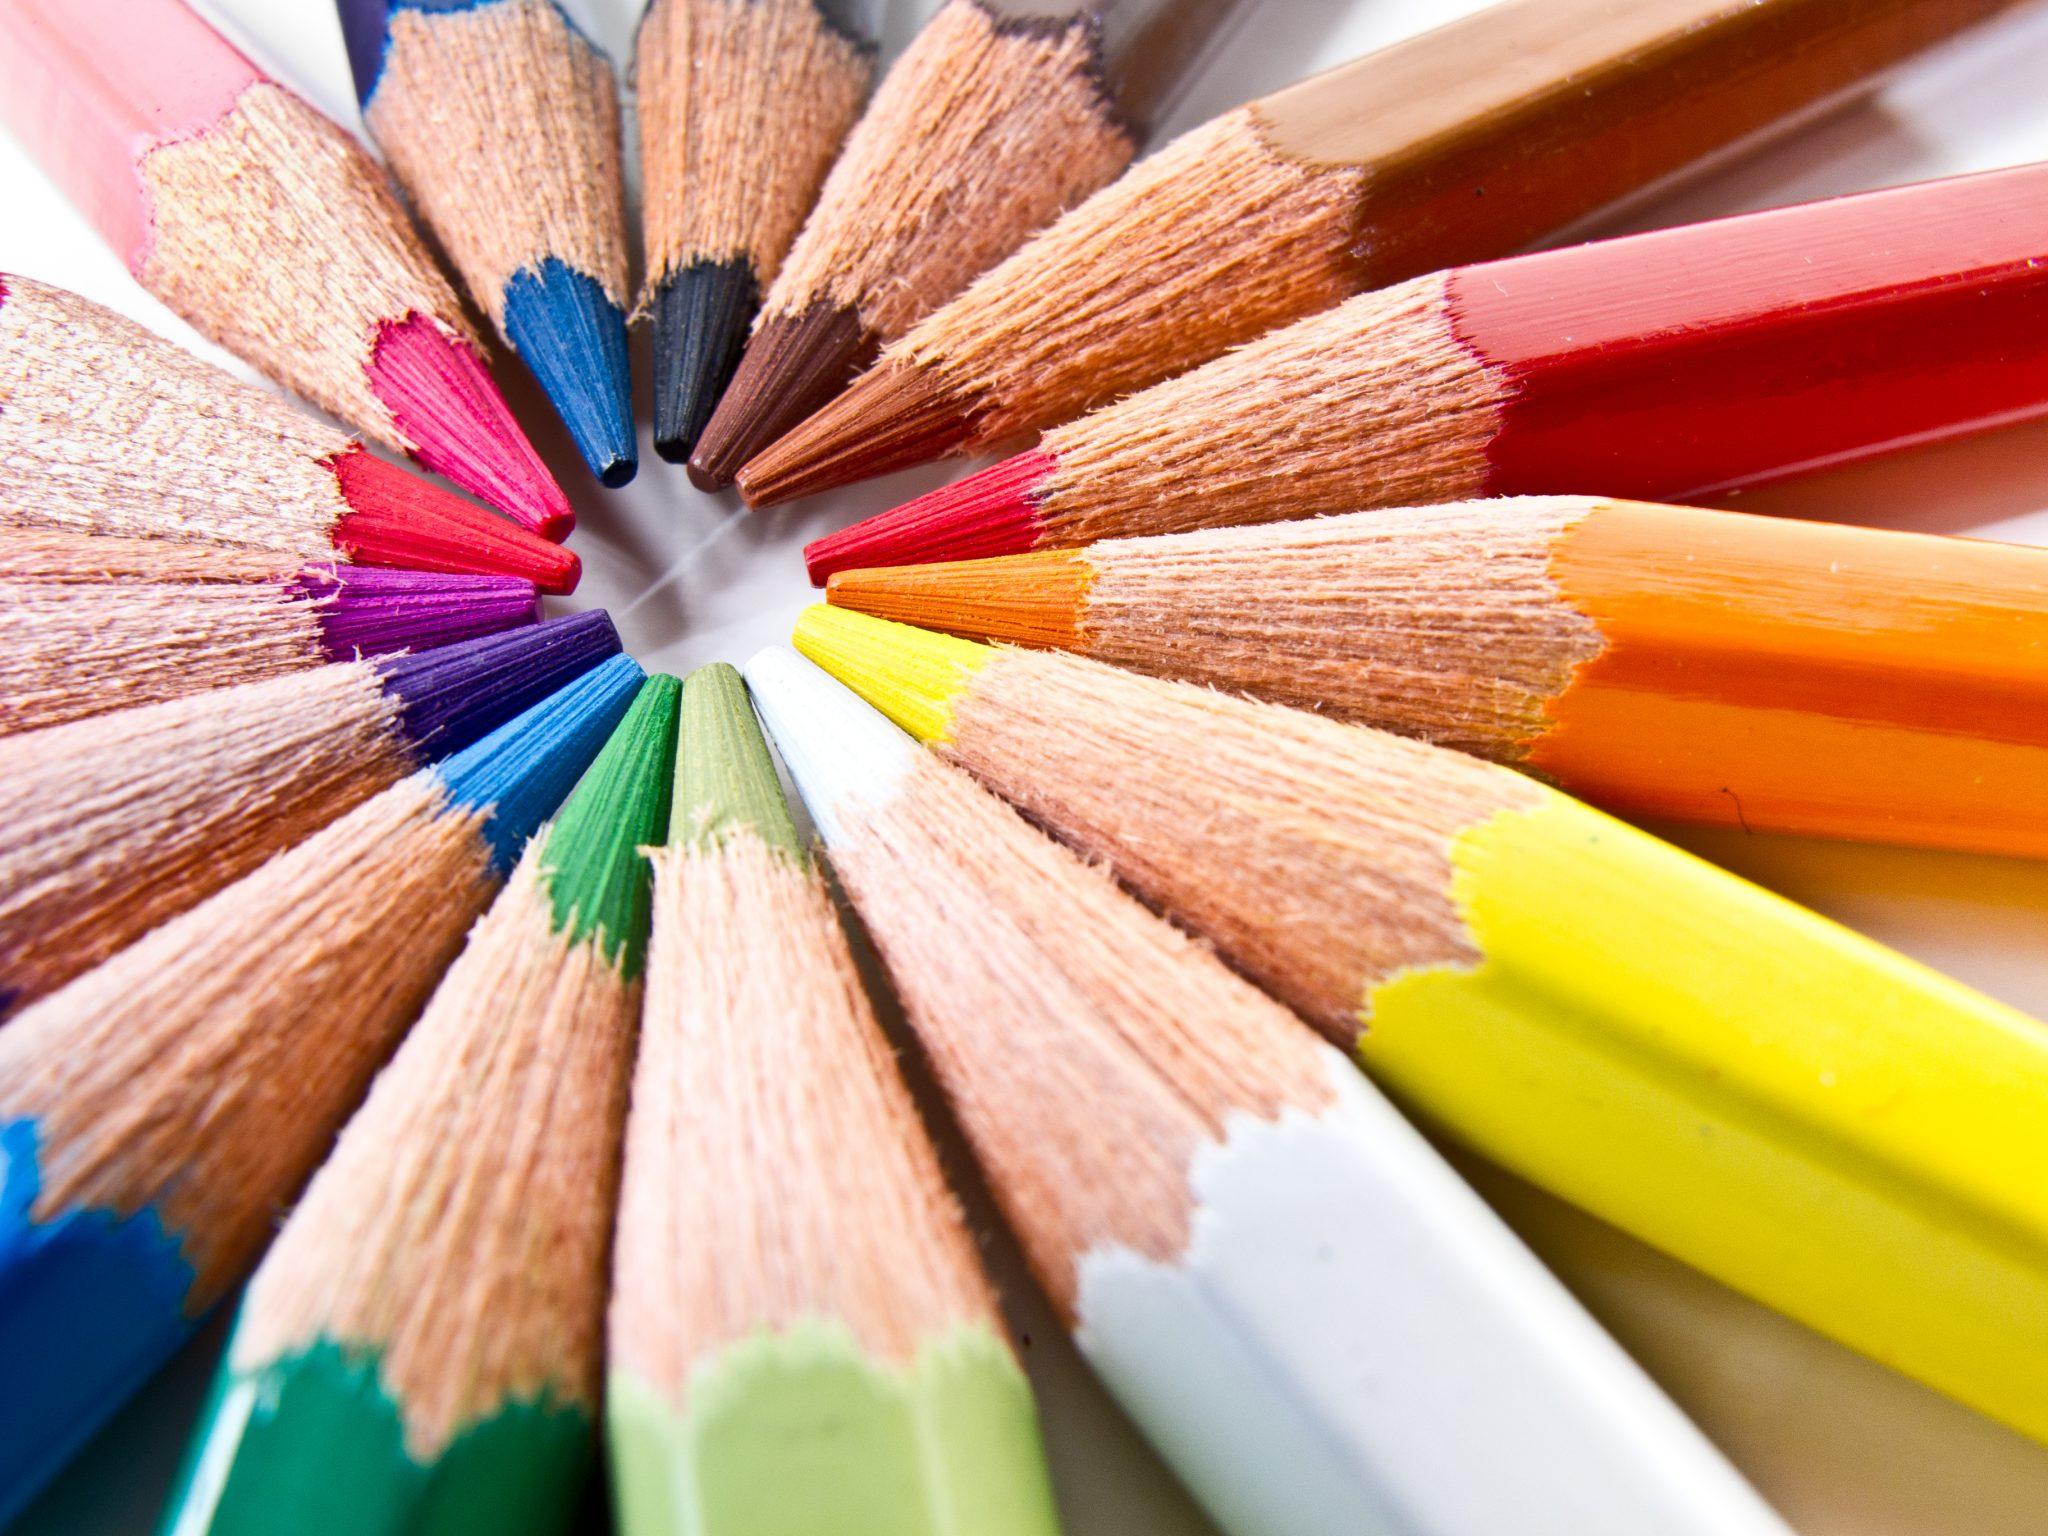 صورة معجزة القرآن الكريم حول الألوان- أورد 9 منها بمدلولات عظيمة